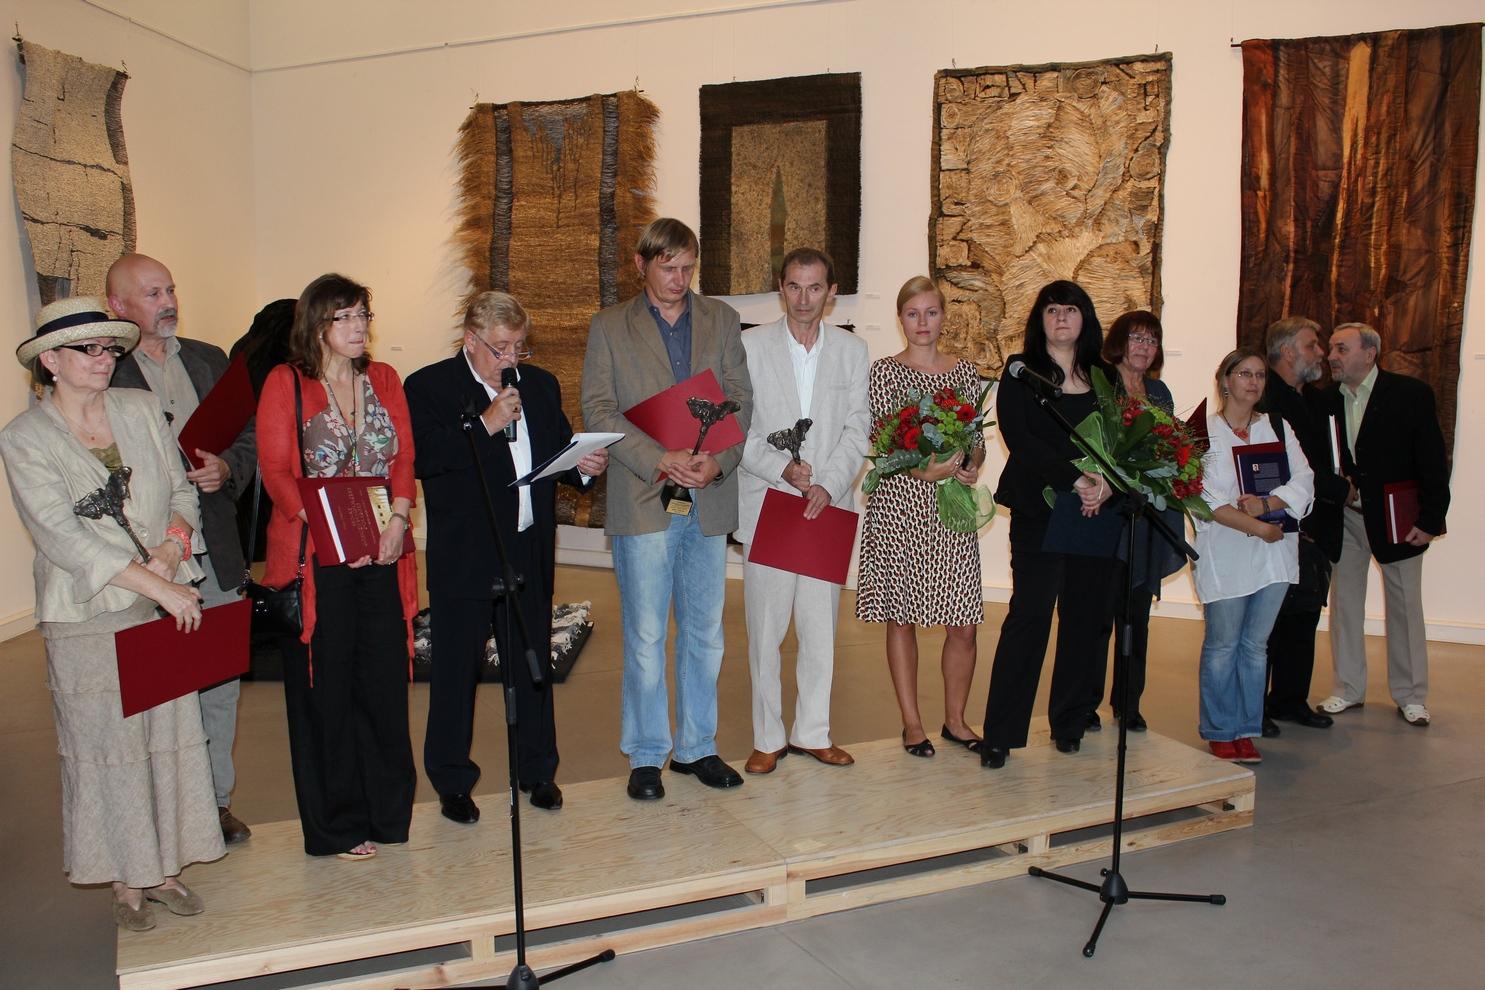 Laureaci VI Międzynarodowego Biennale Malarstwa i Tkaniny Unikatowej (zdjęcie pochodzi z materiałów udostępnionych przez organizatora)